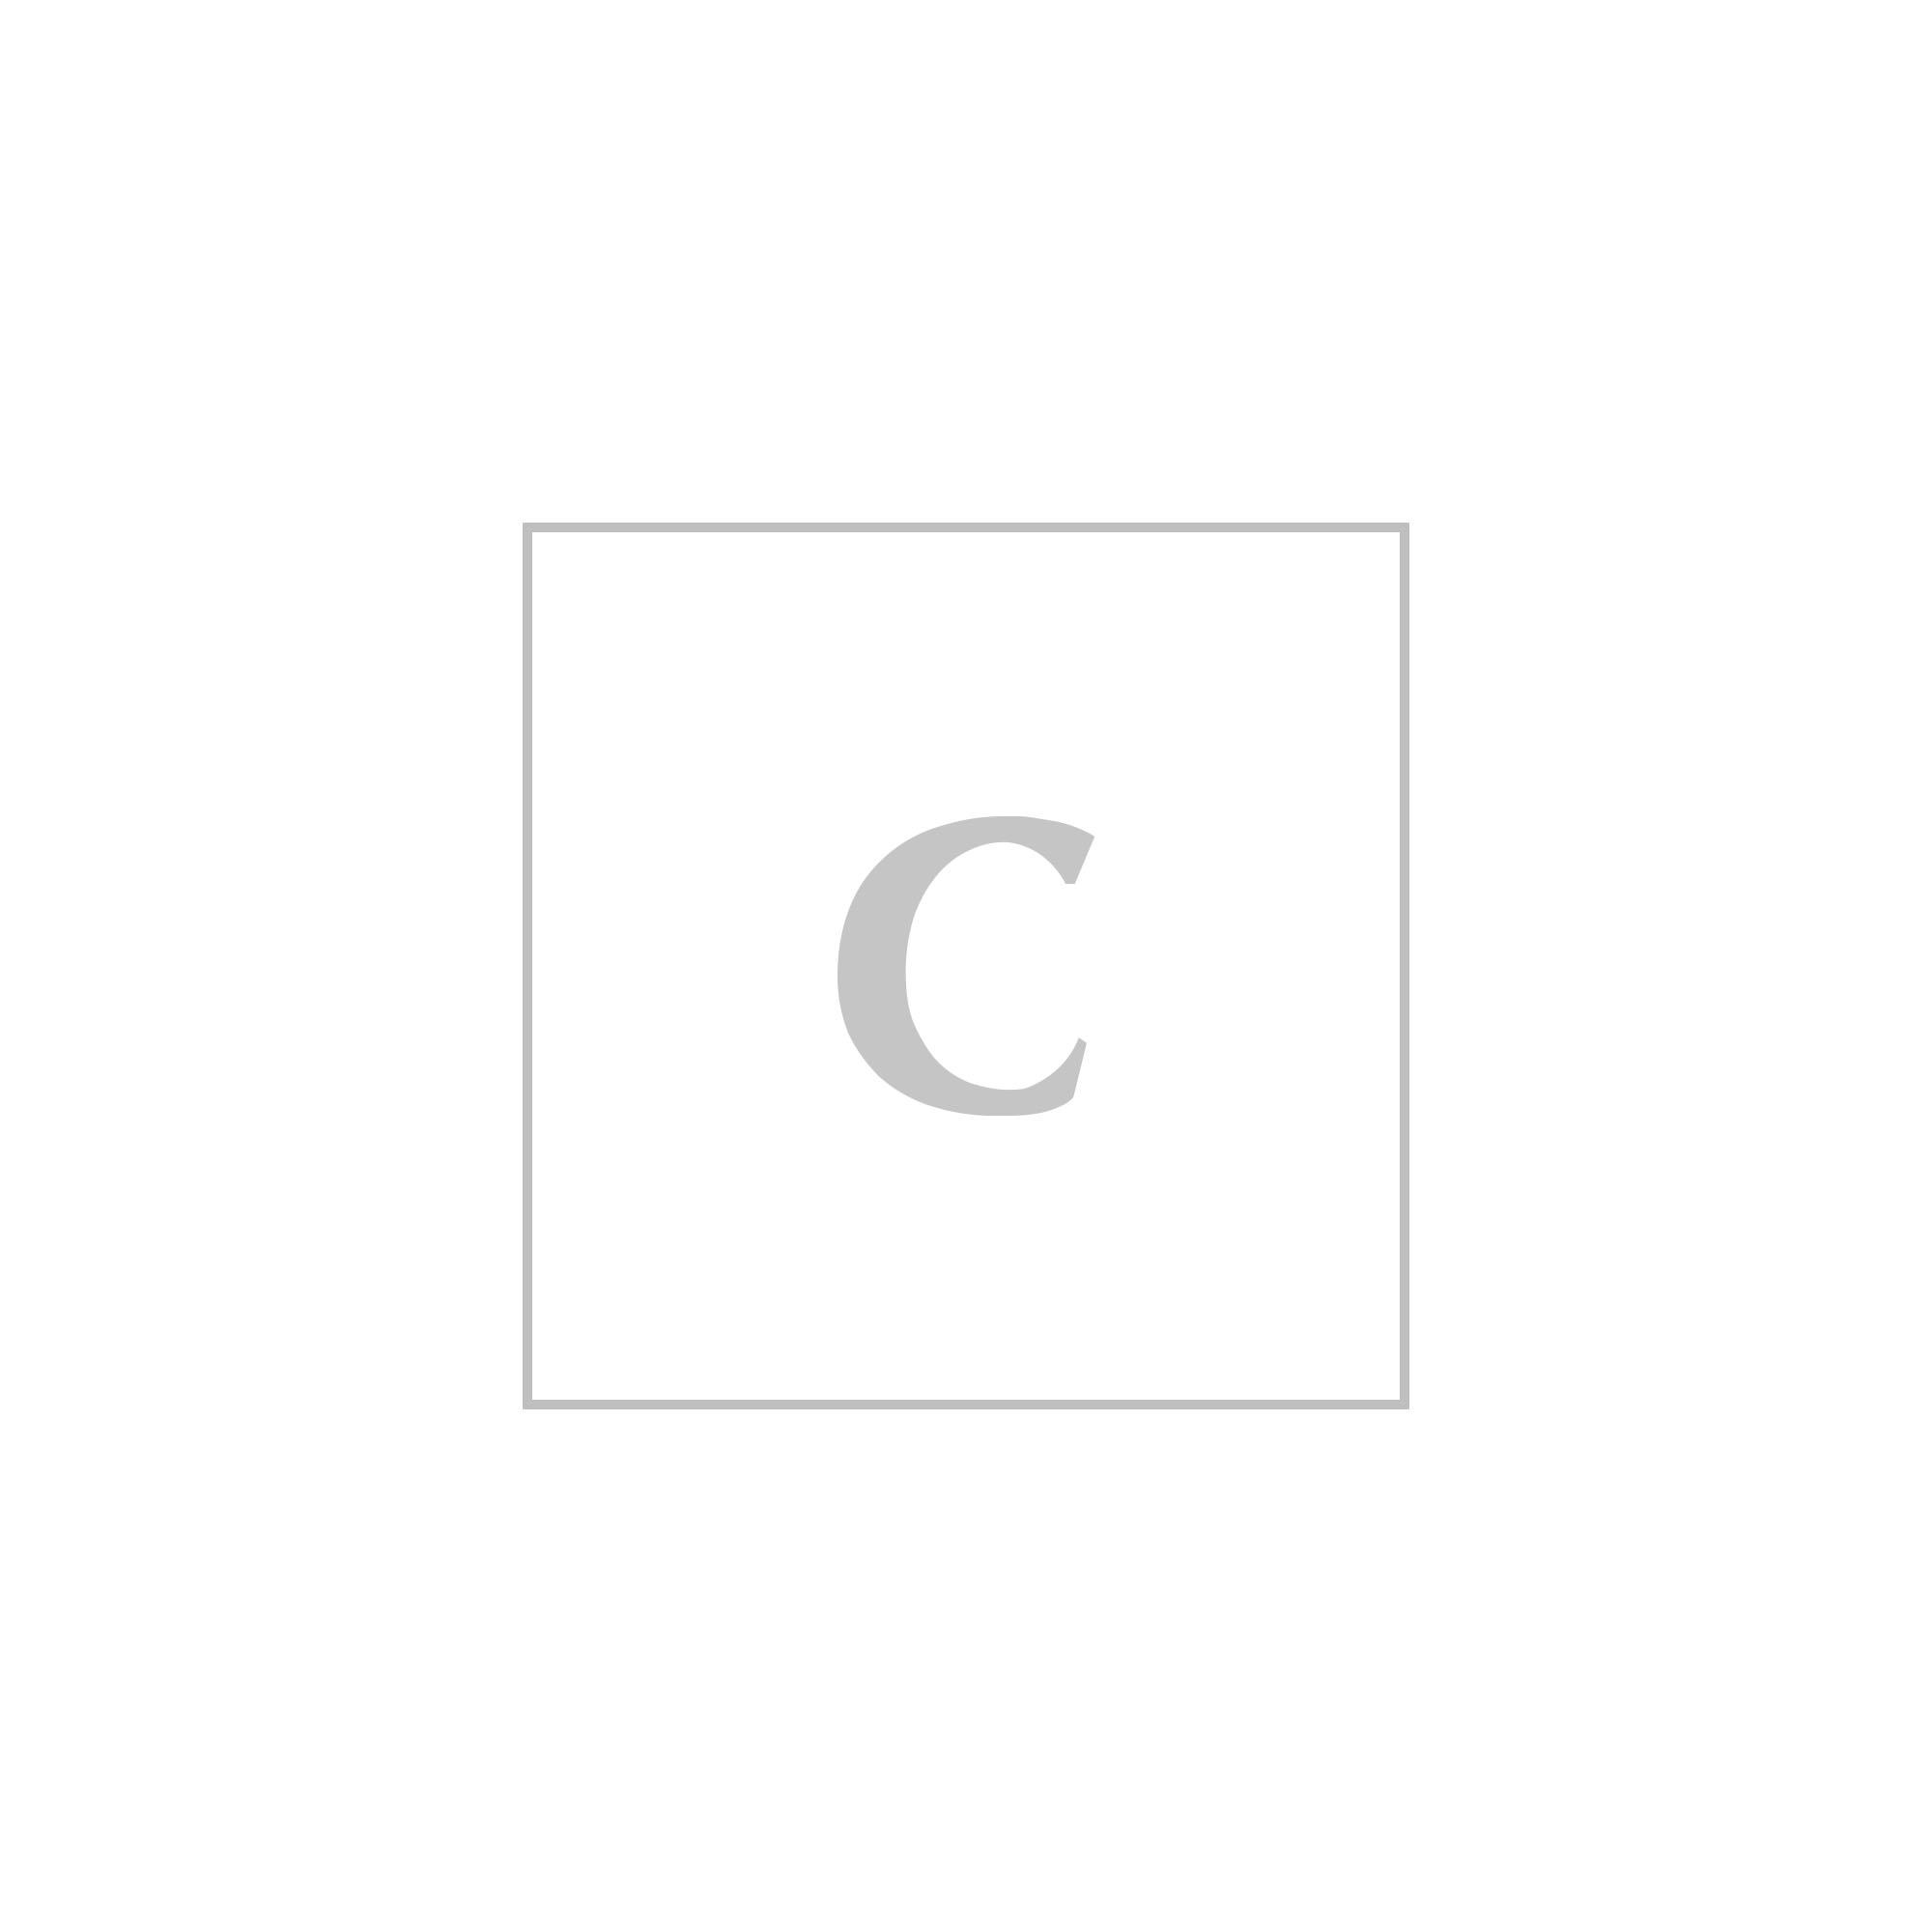 2e6c5c505298ab Bags Prada for Women Cipria 1